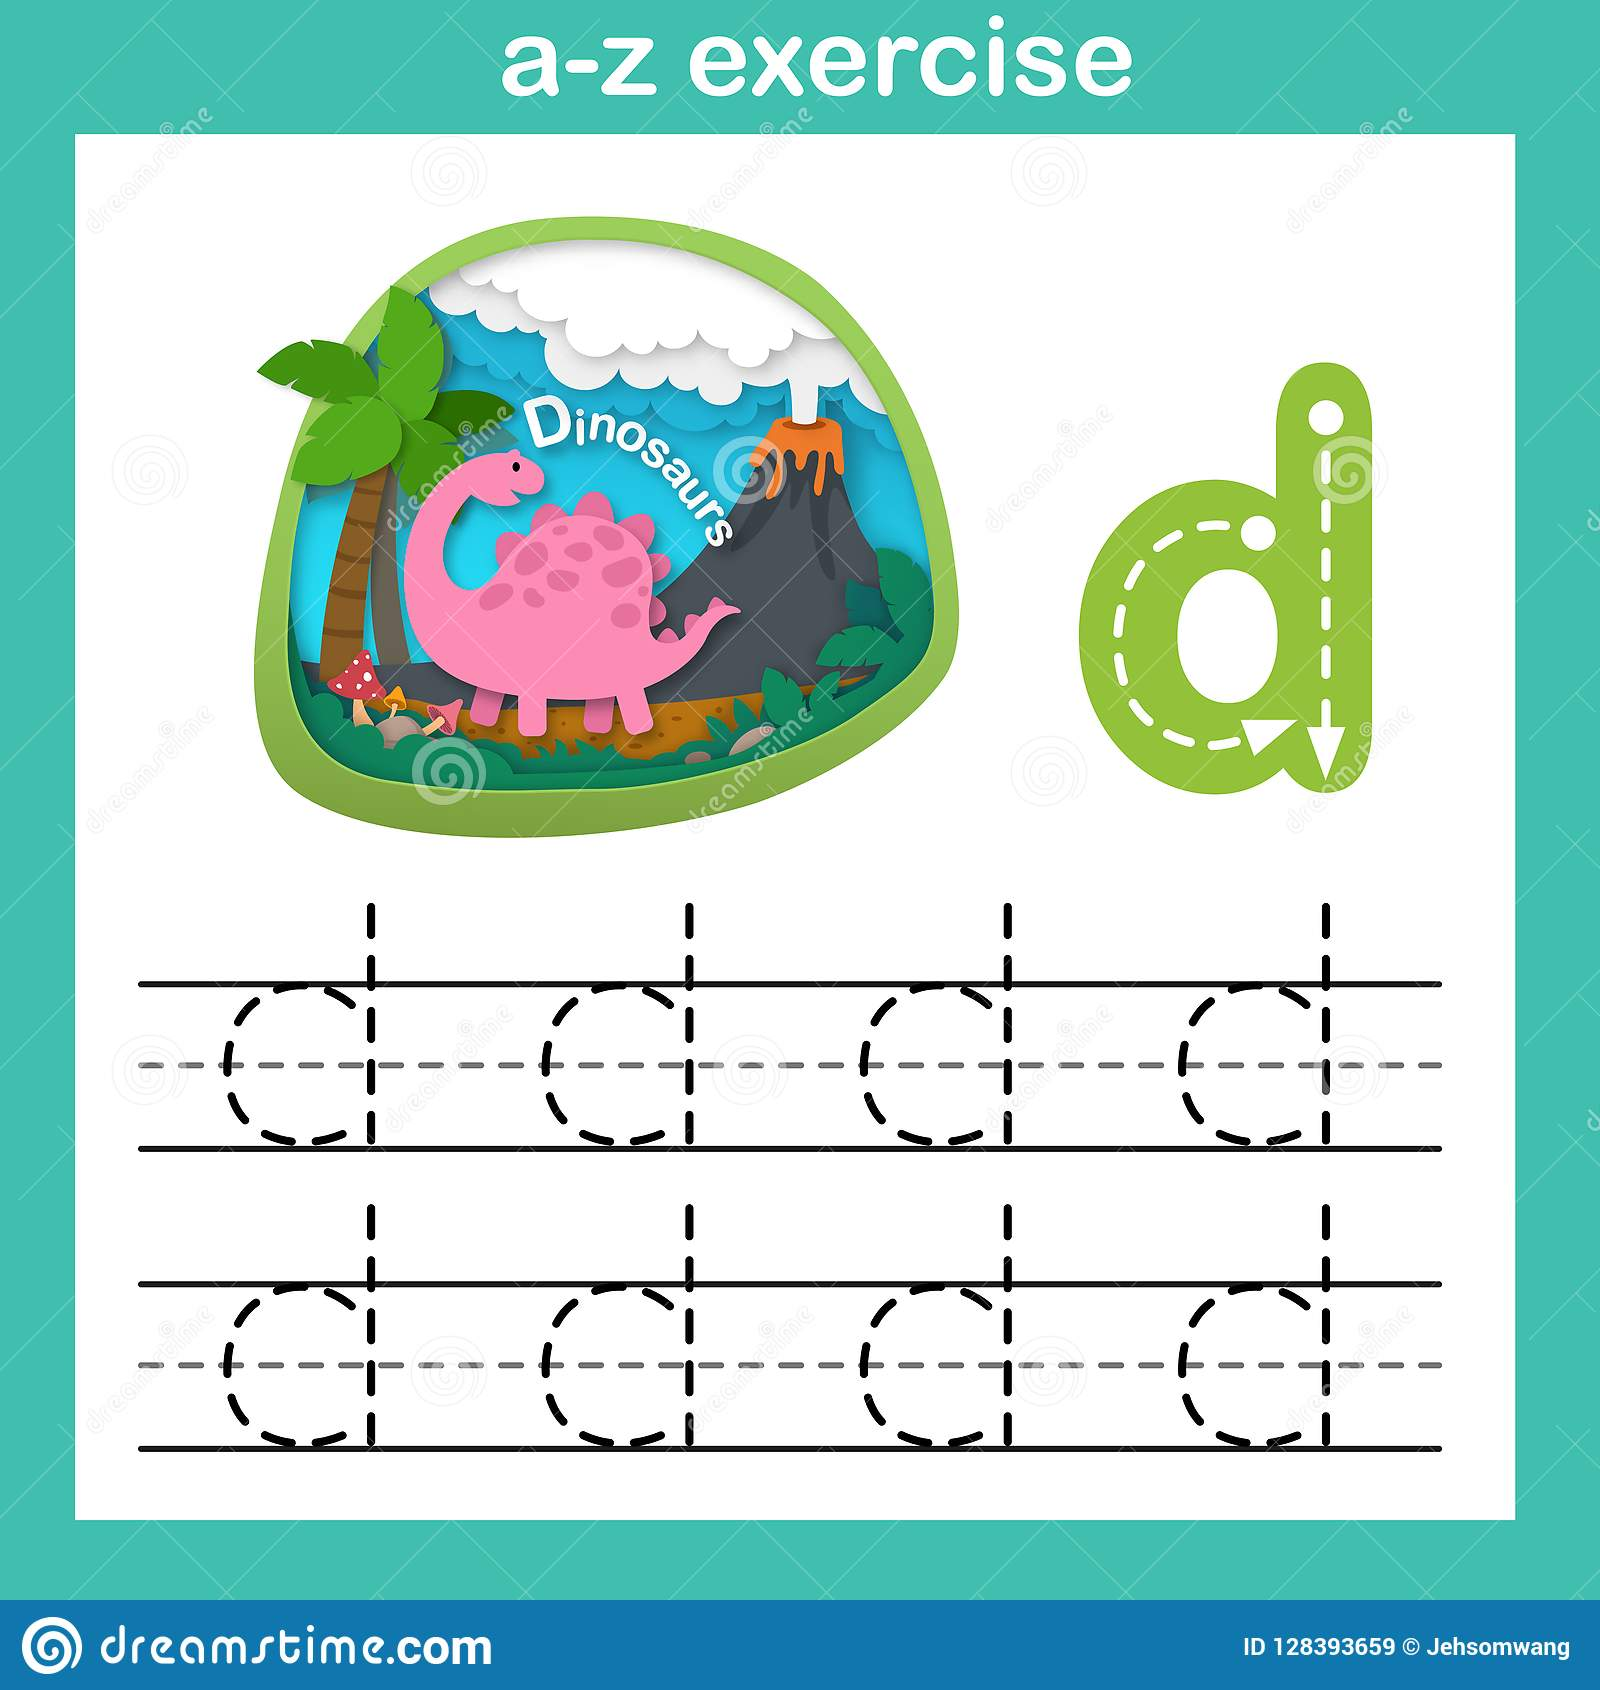 Alphabet Letter D Dinosaur Exercise Paper Cut Concept